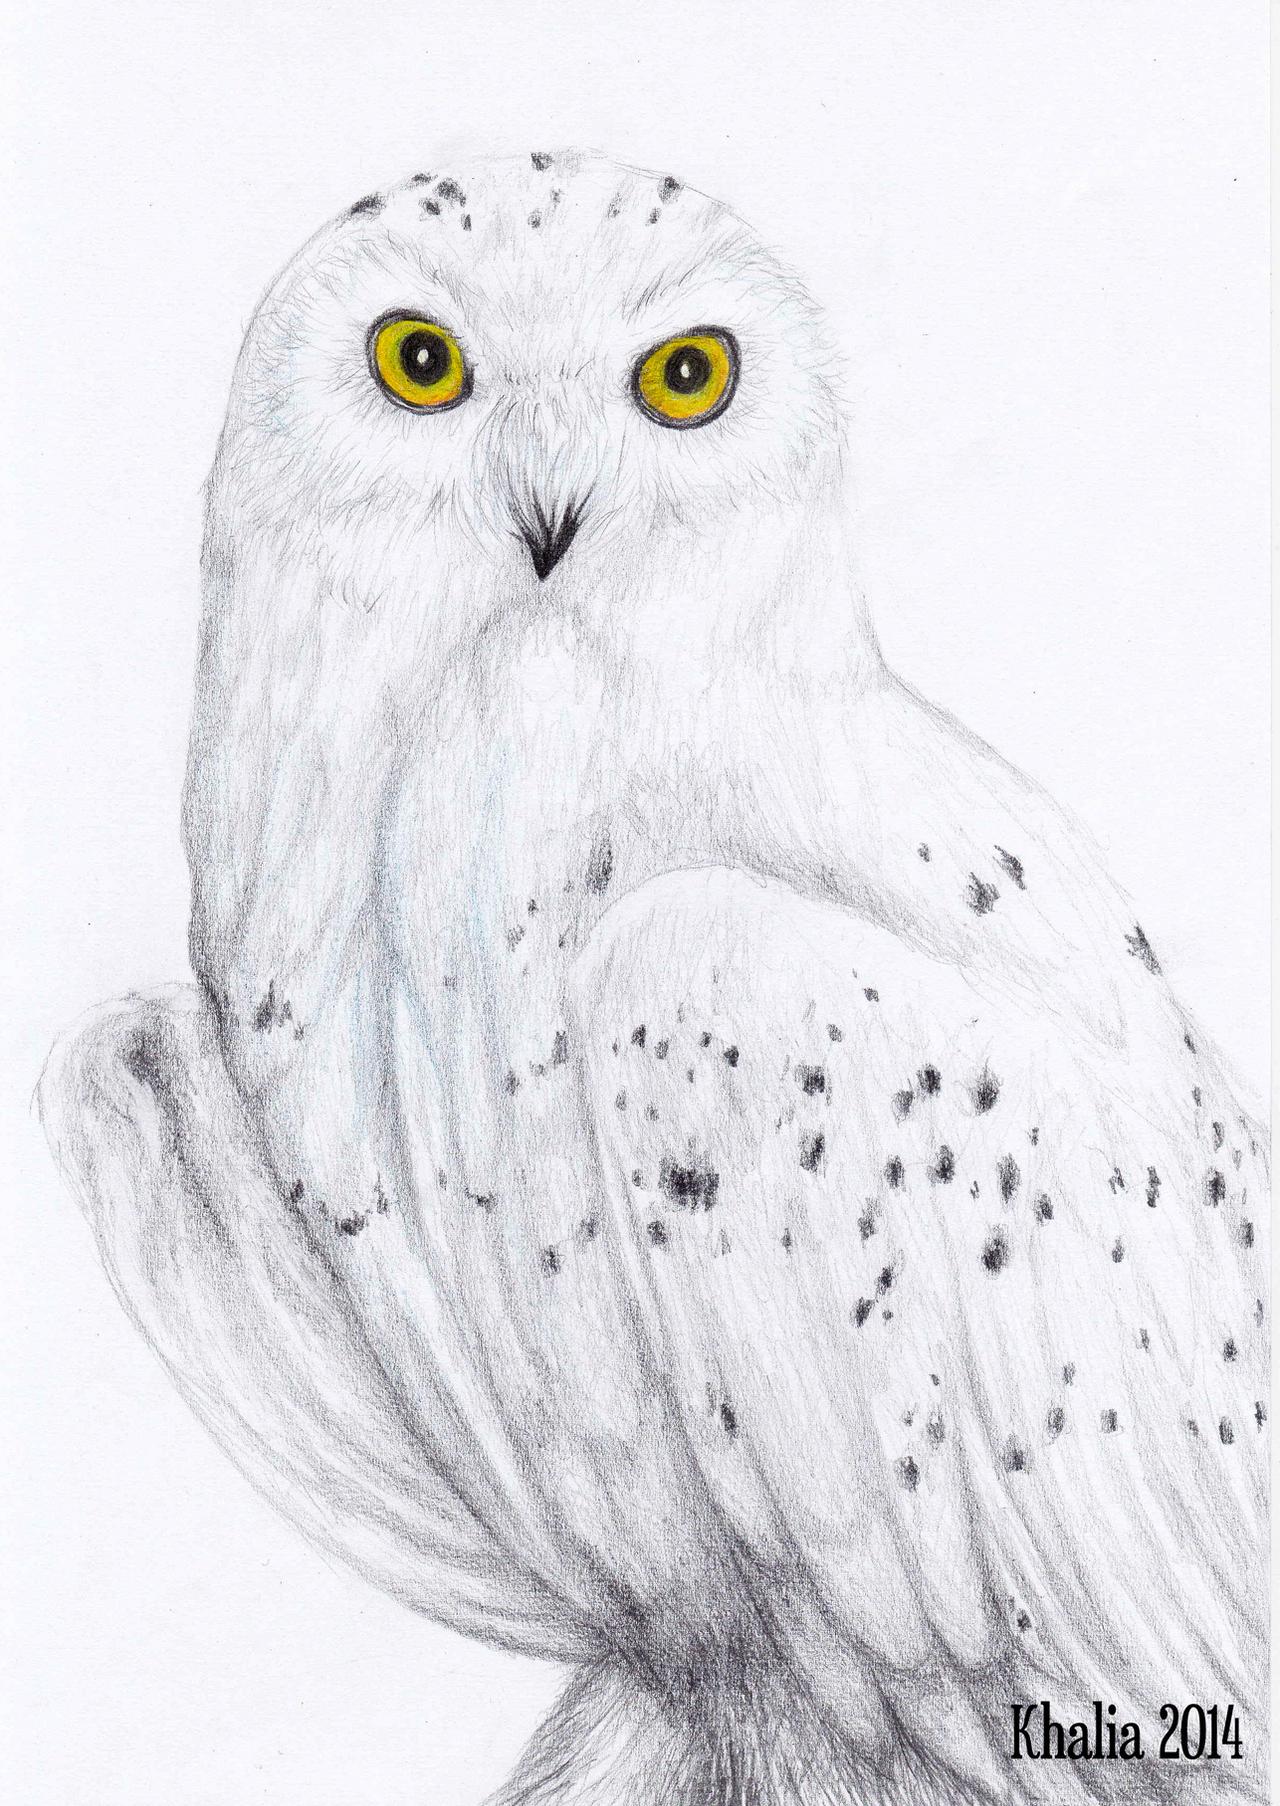 Snap How To Draw A Snowy Owl Cartoon🦉 YouTube photos on Pinterest